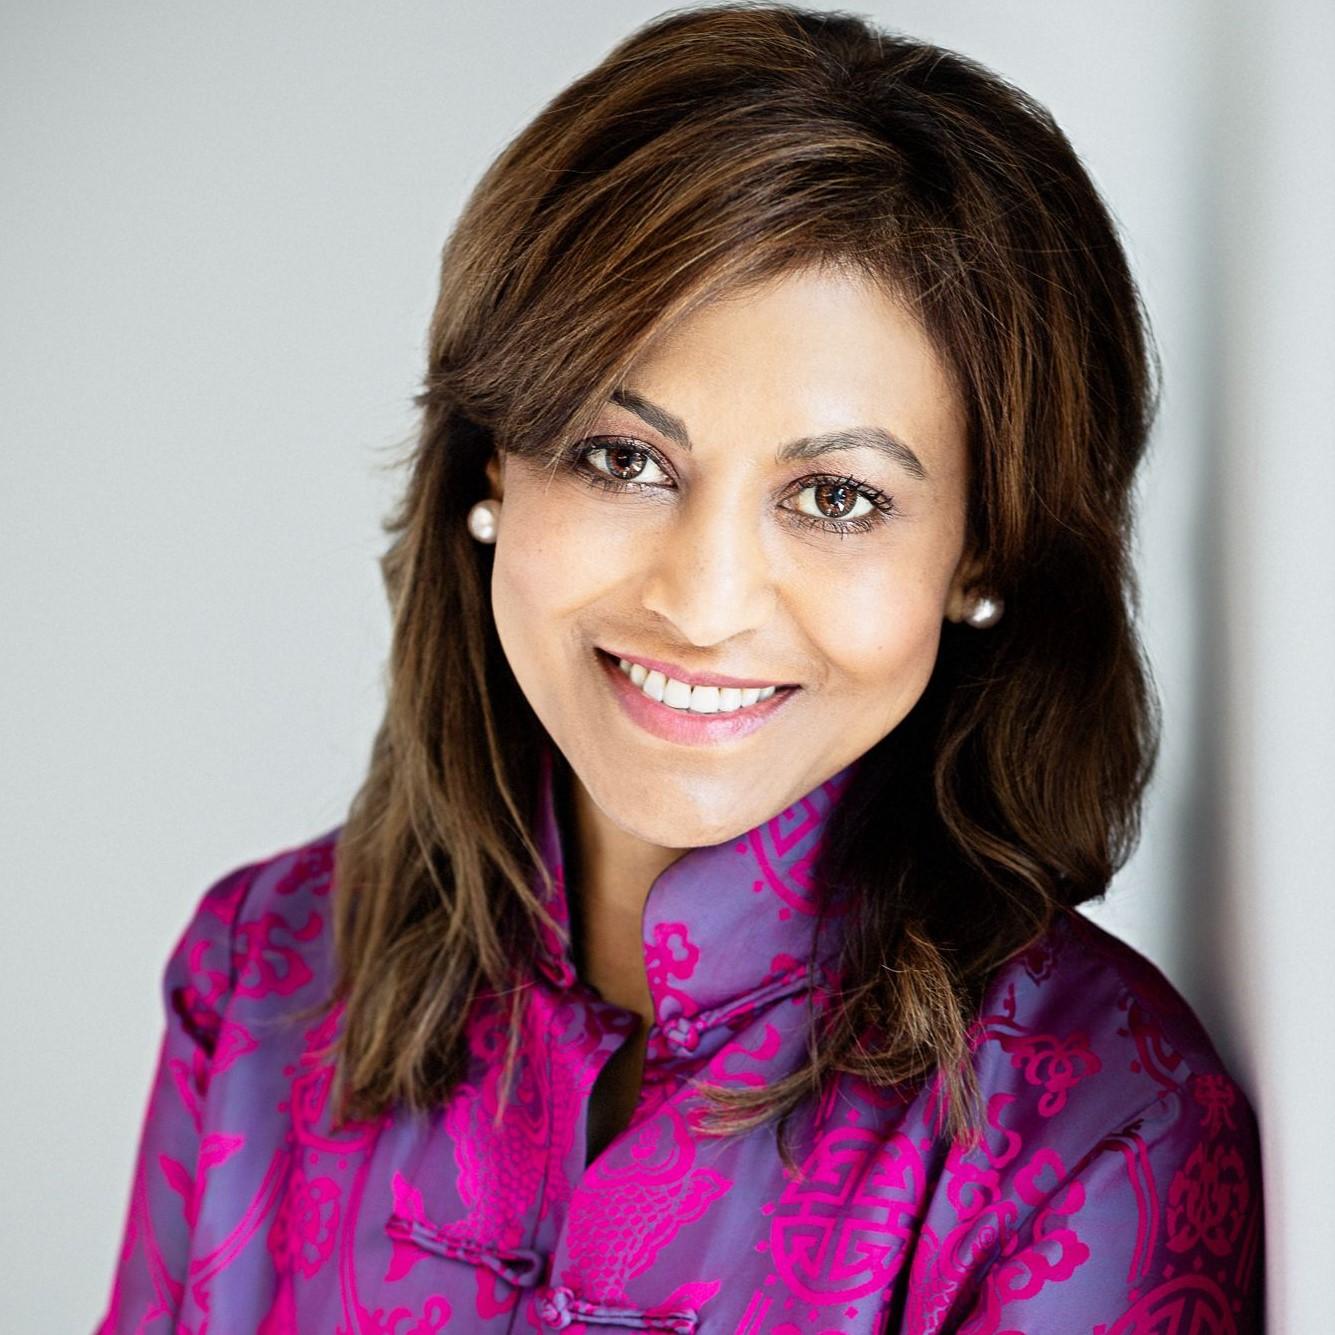 Samira Asma